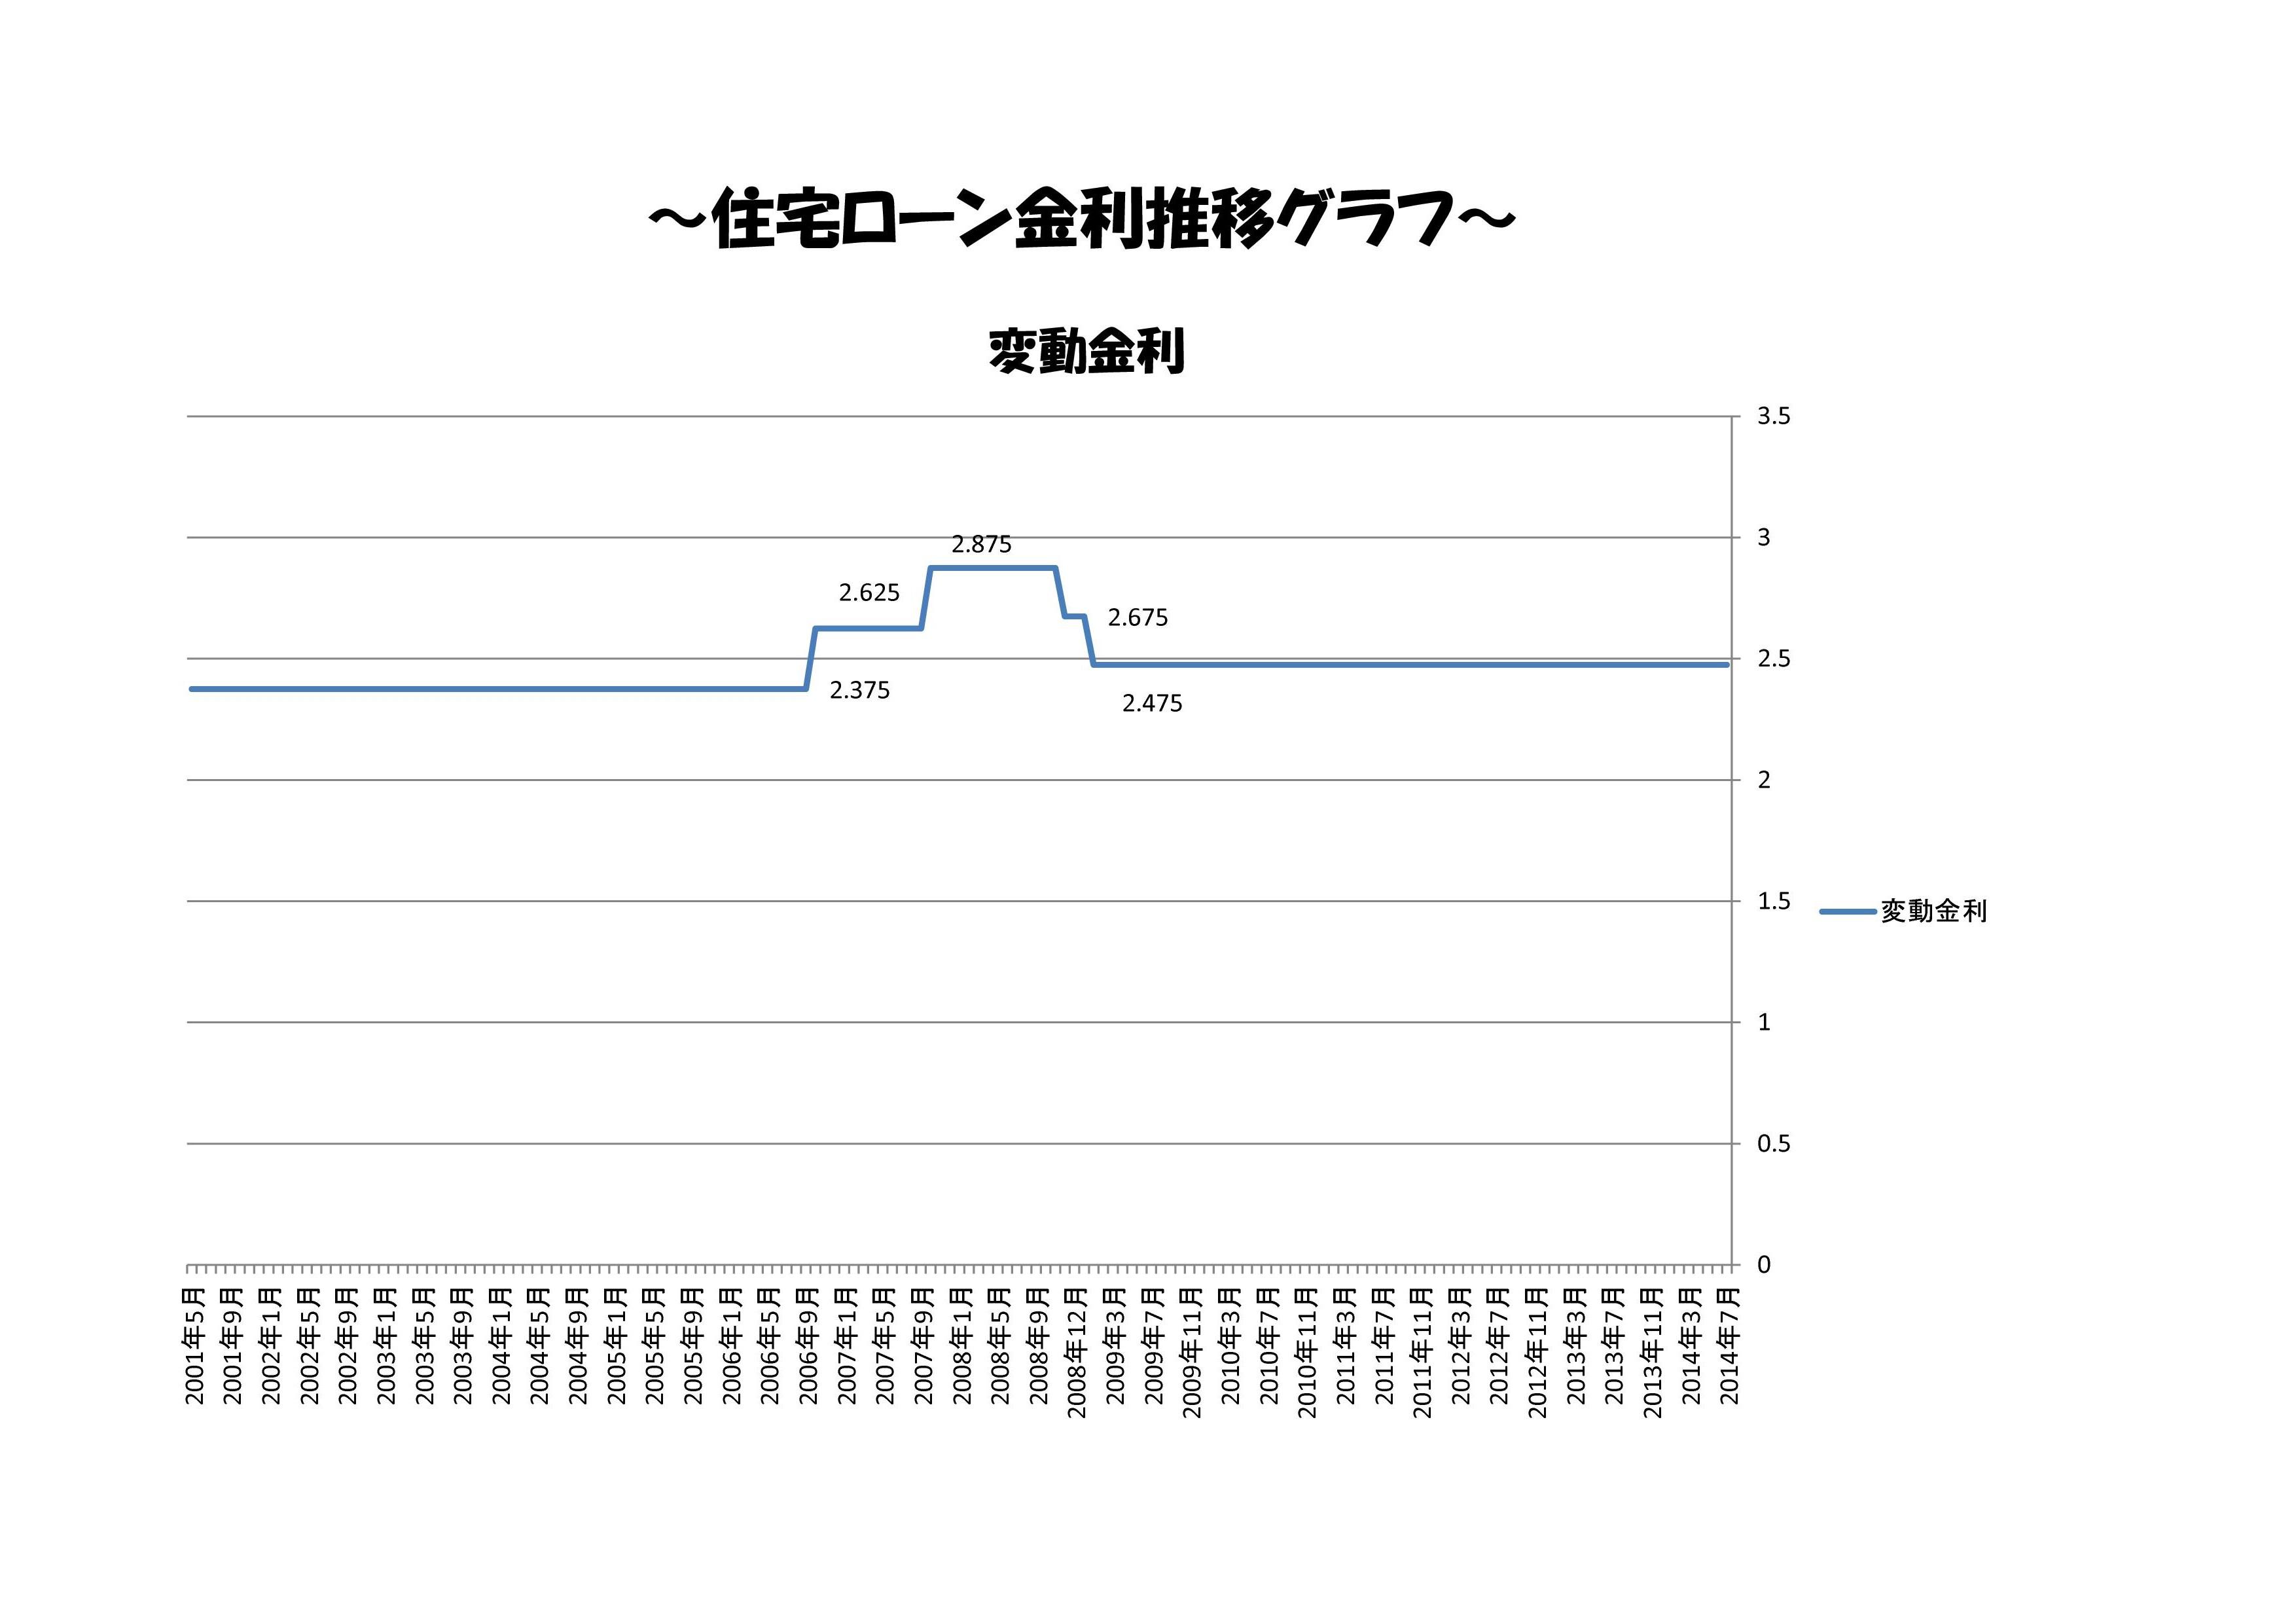 住宅ローン金利 推移-001